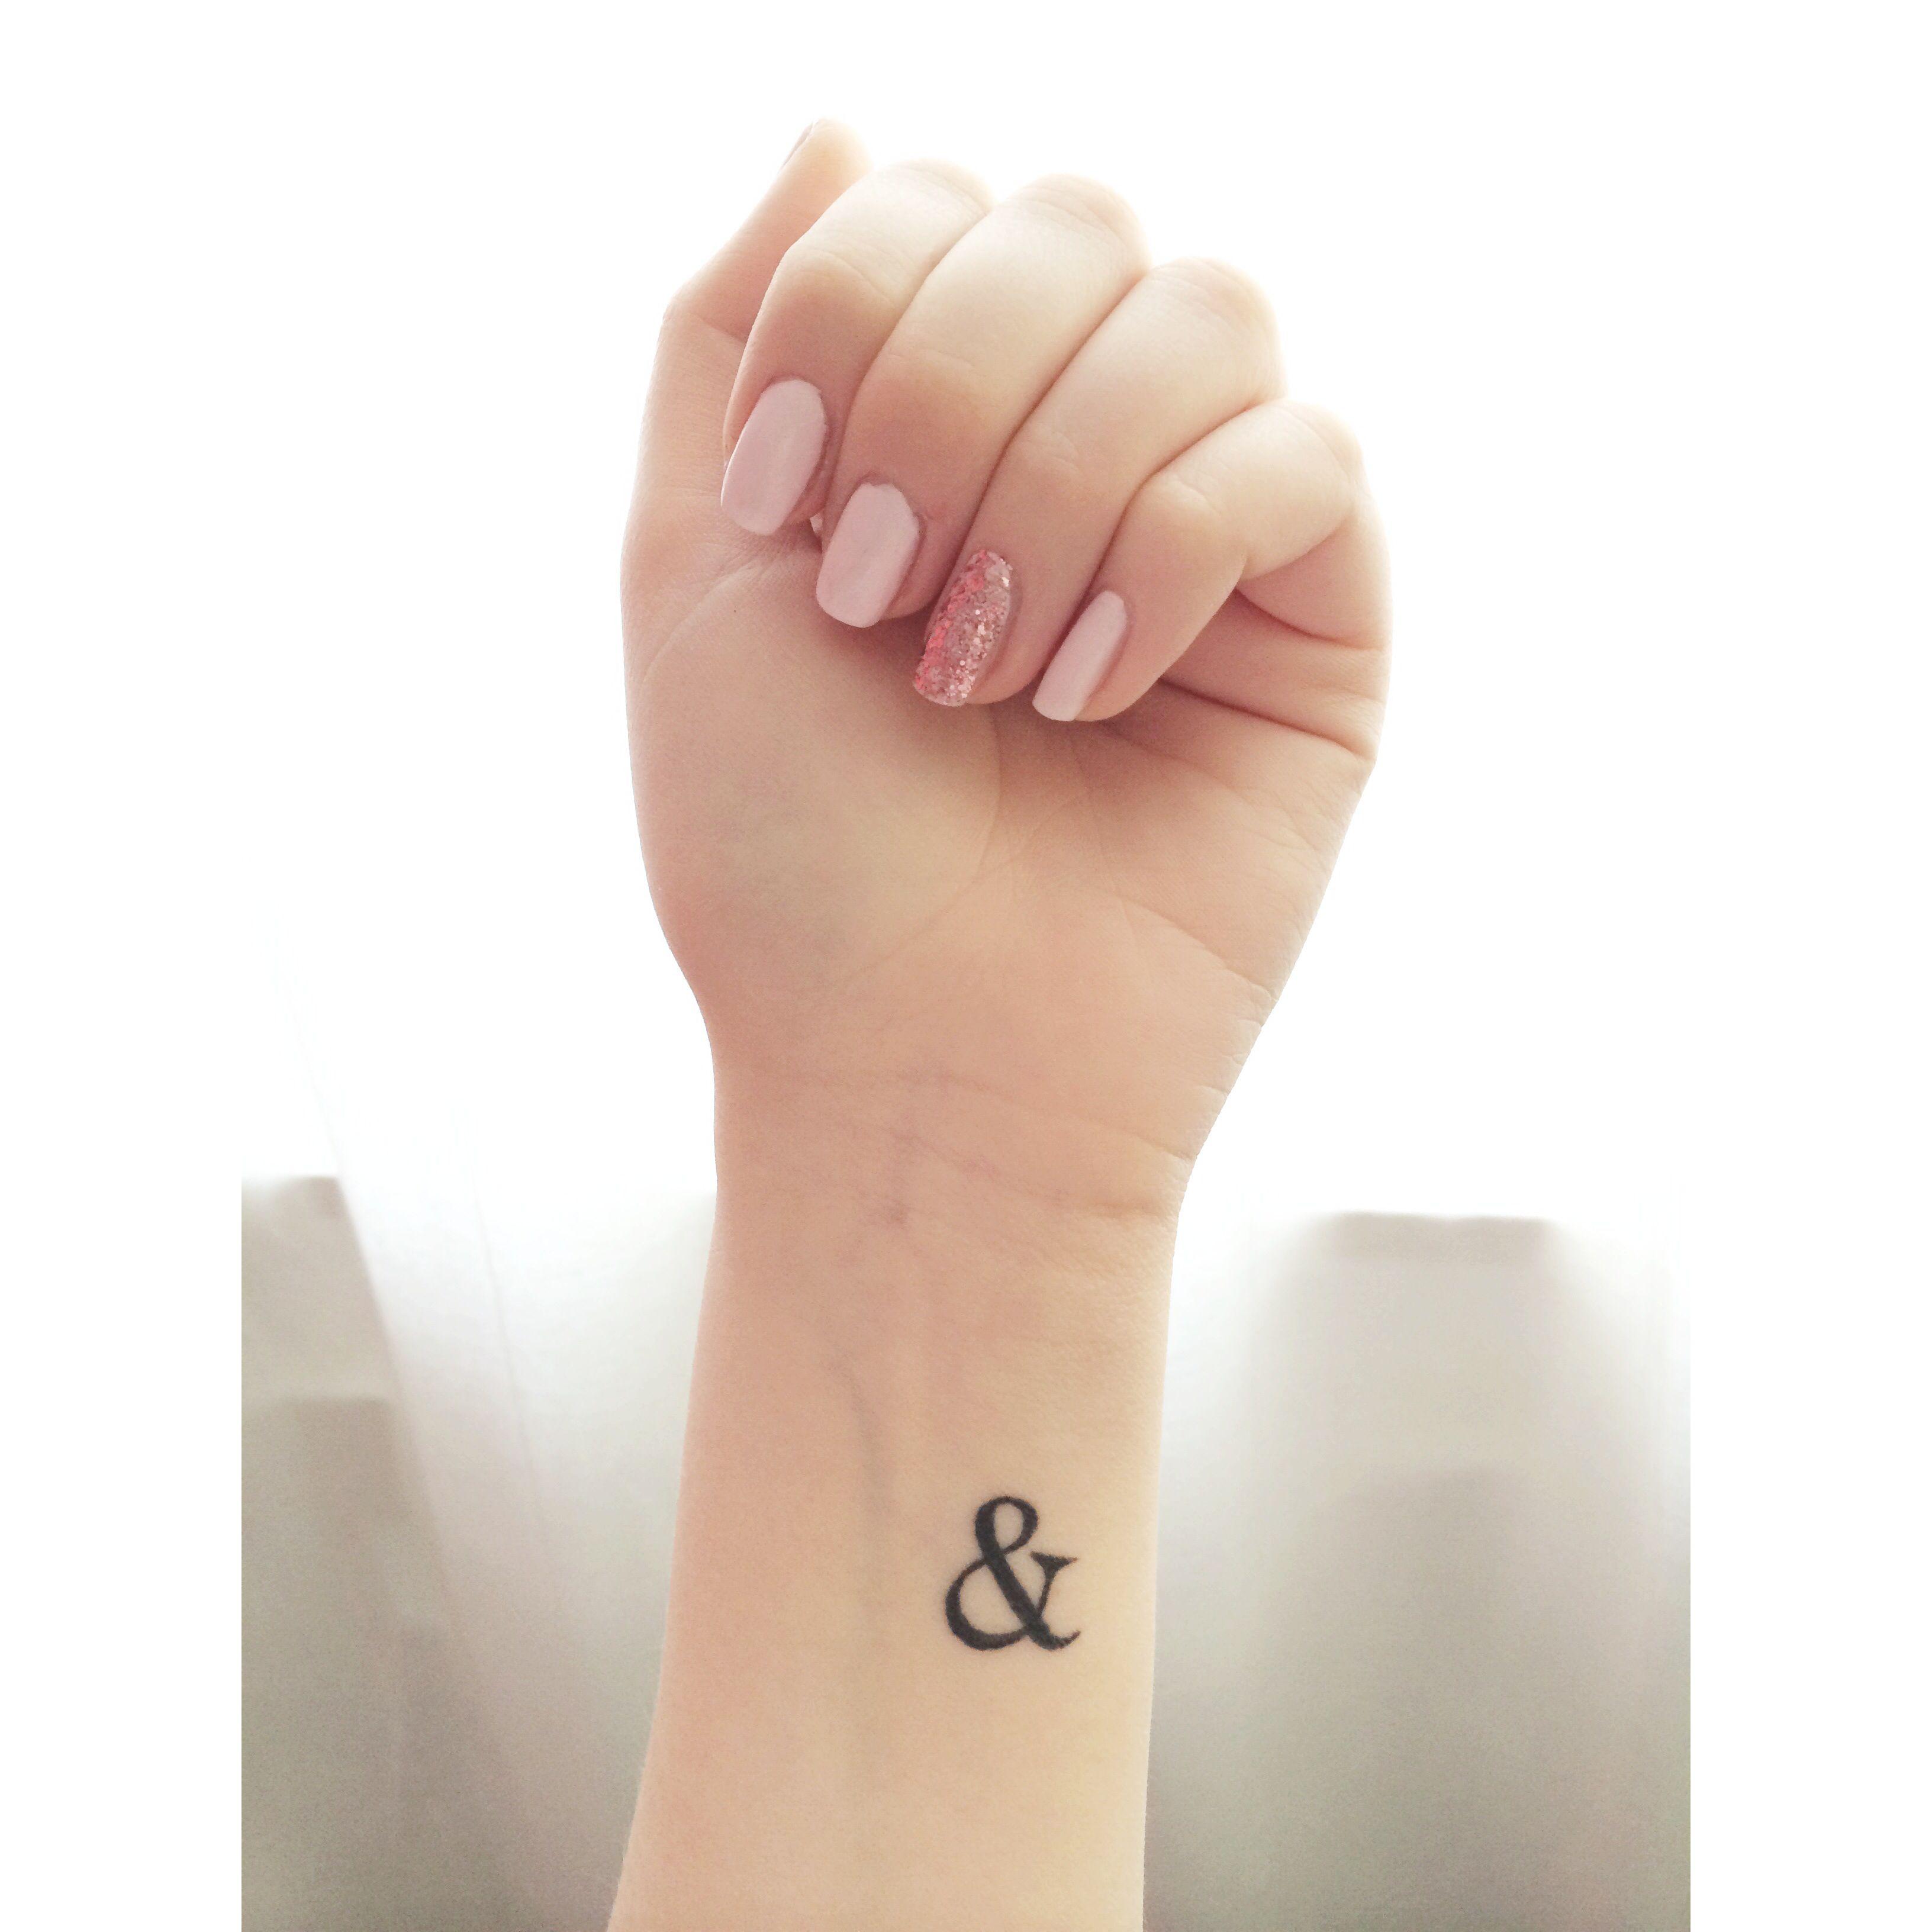 Pin By Vilma On Tattoo Ideas Small Tattoos Meaningful Wrist Tattoos Dainty Tattoos